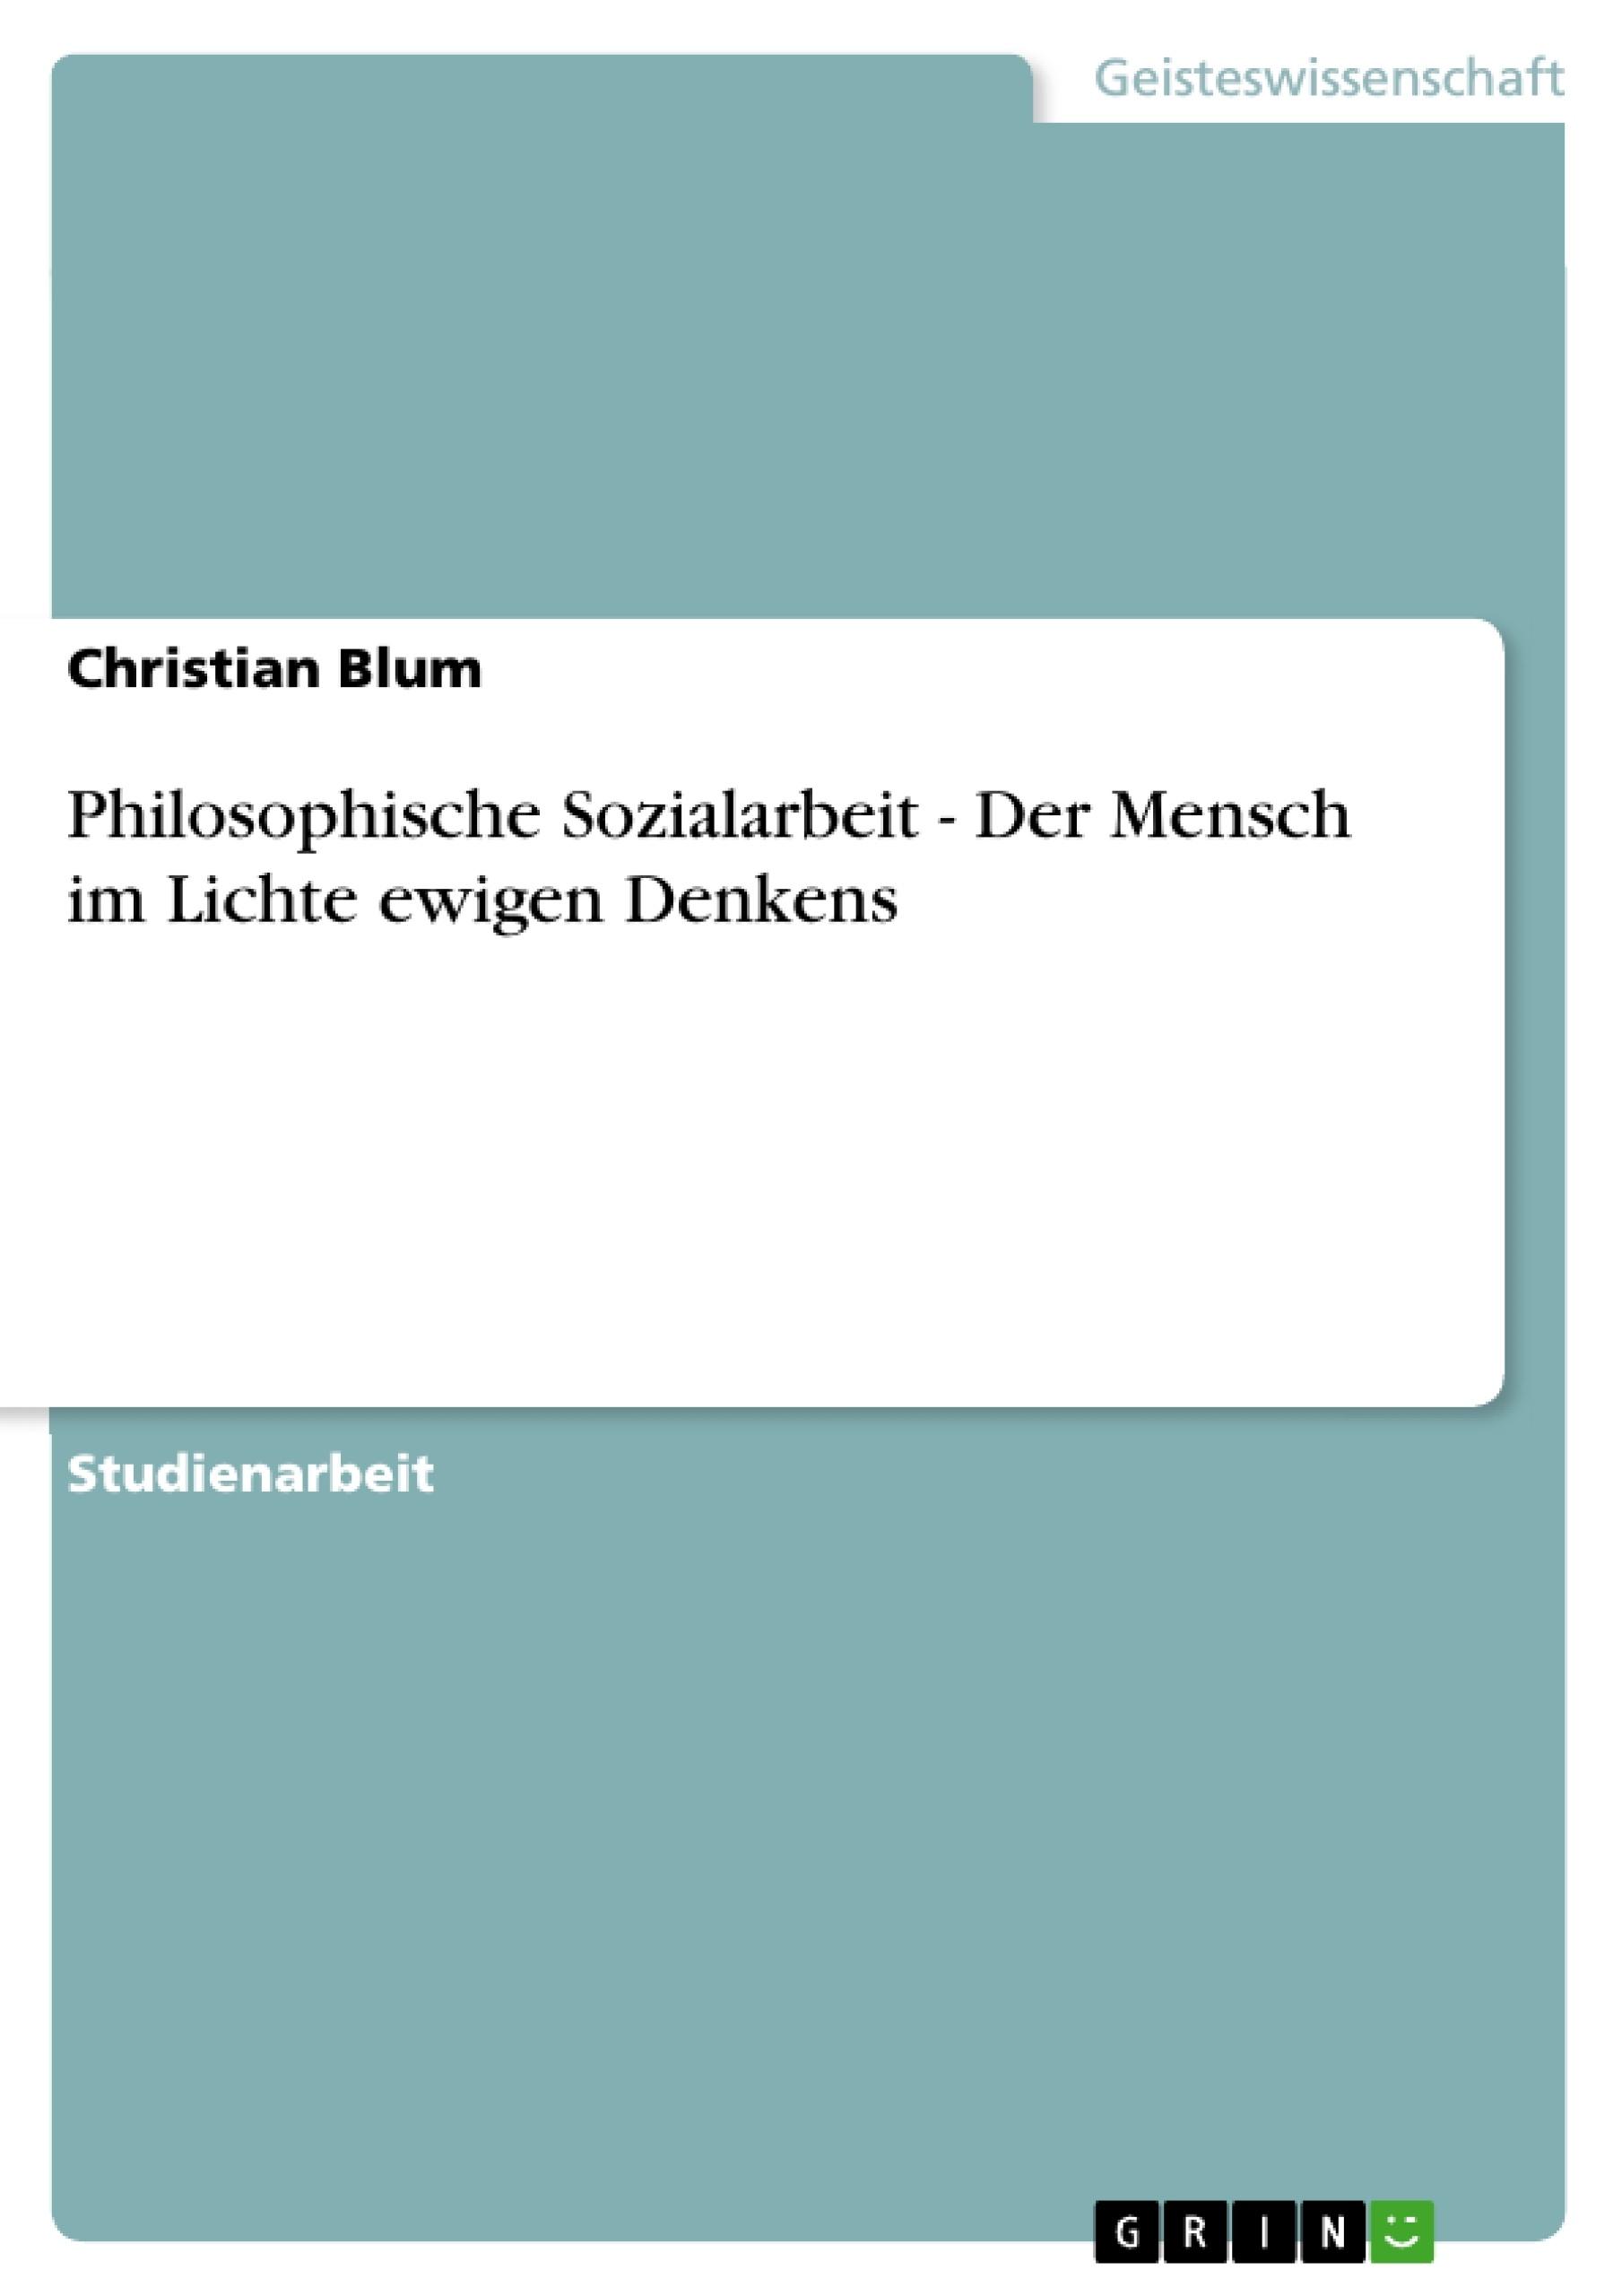 Titel: Philosophische Sozialarbeit - Der Mensch im Lichte ewigen Denkens